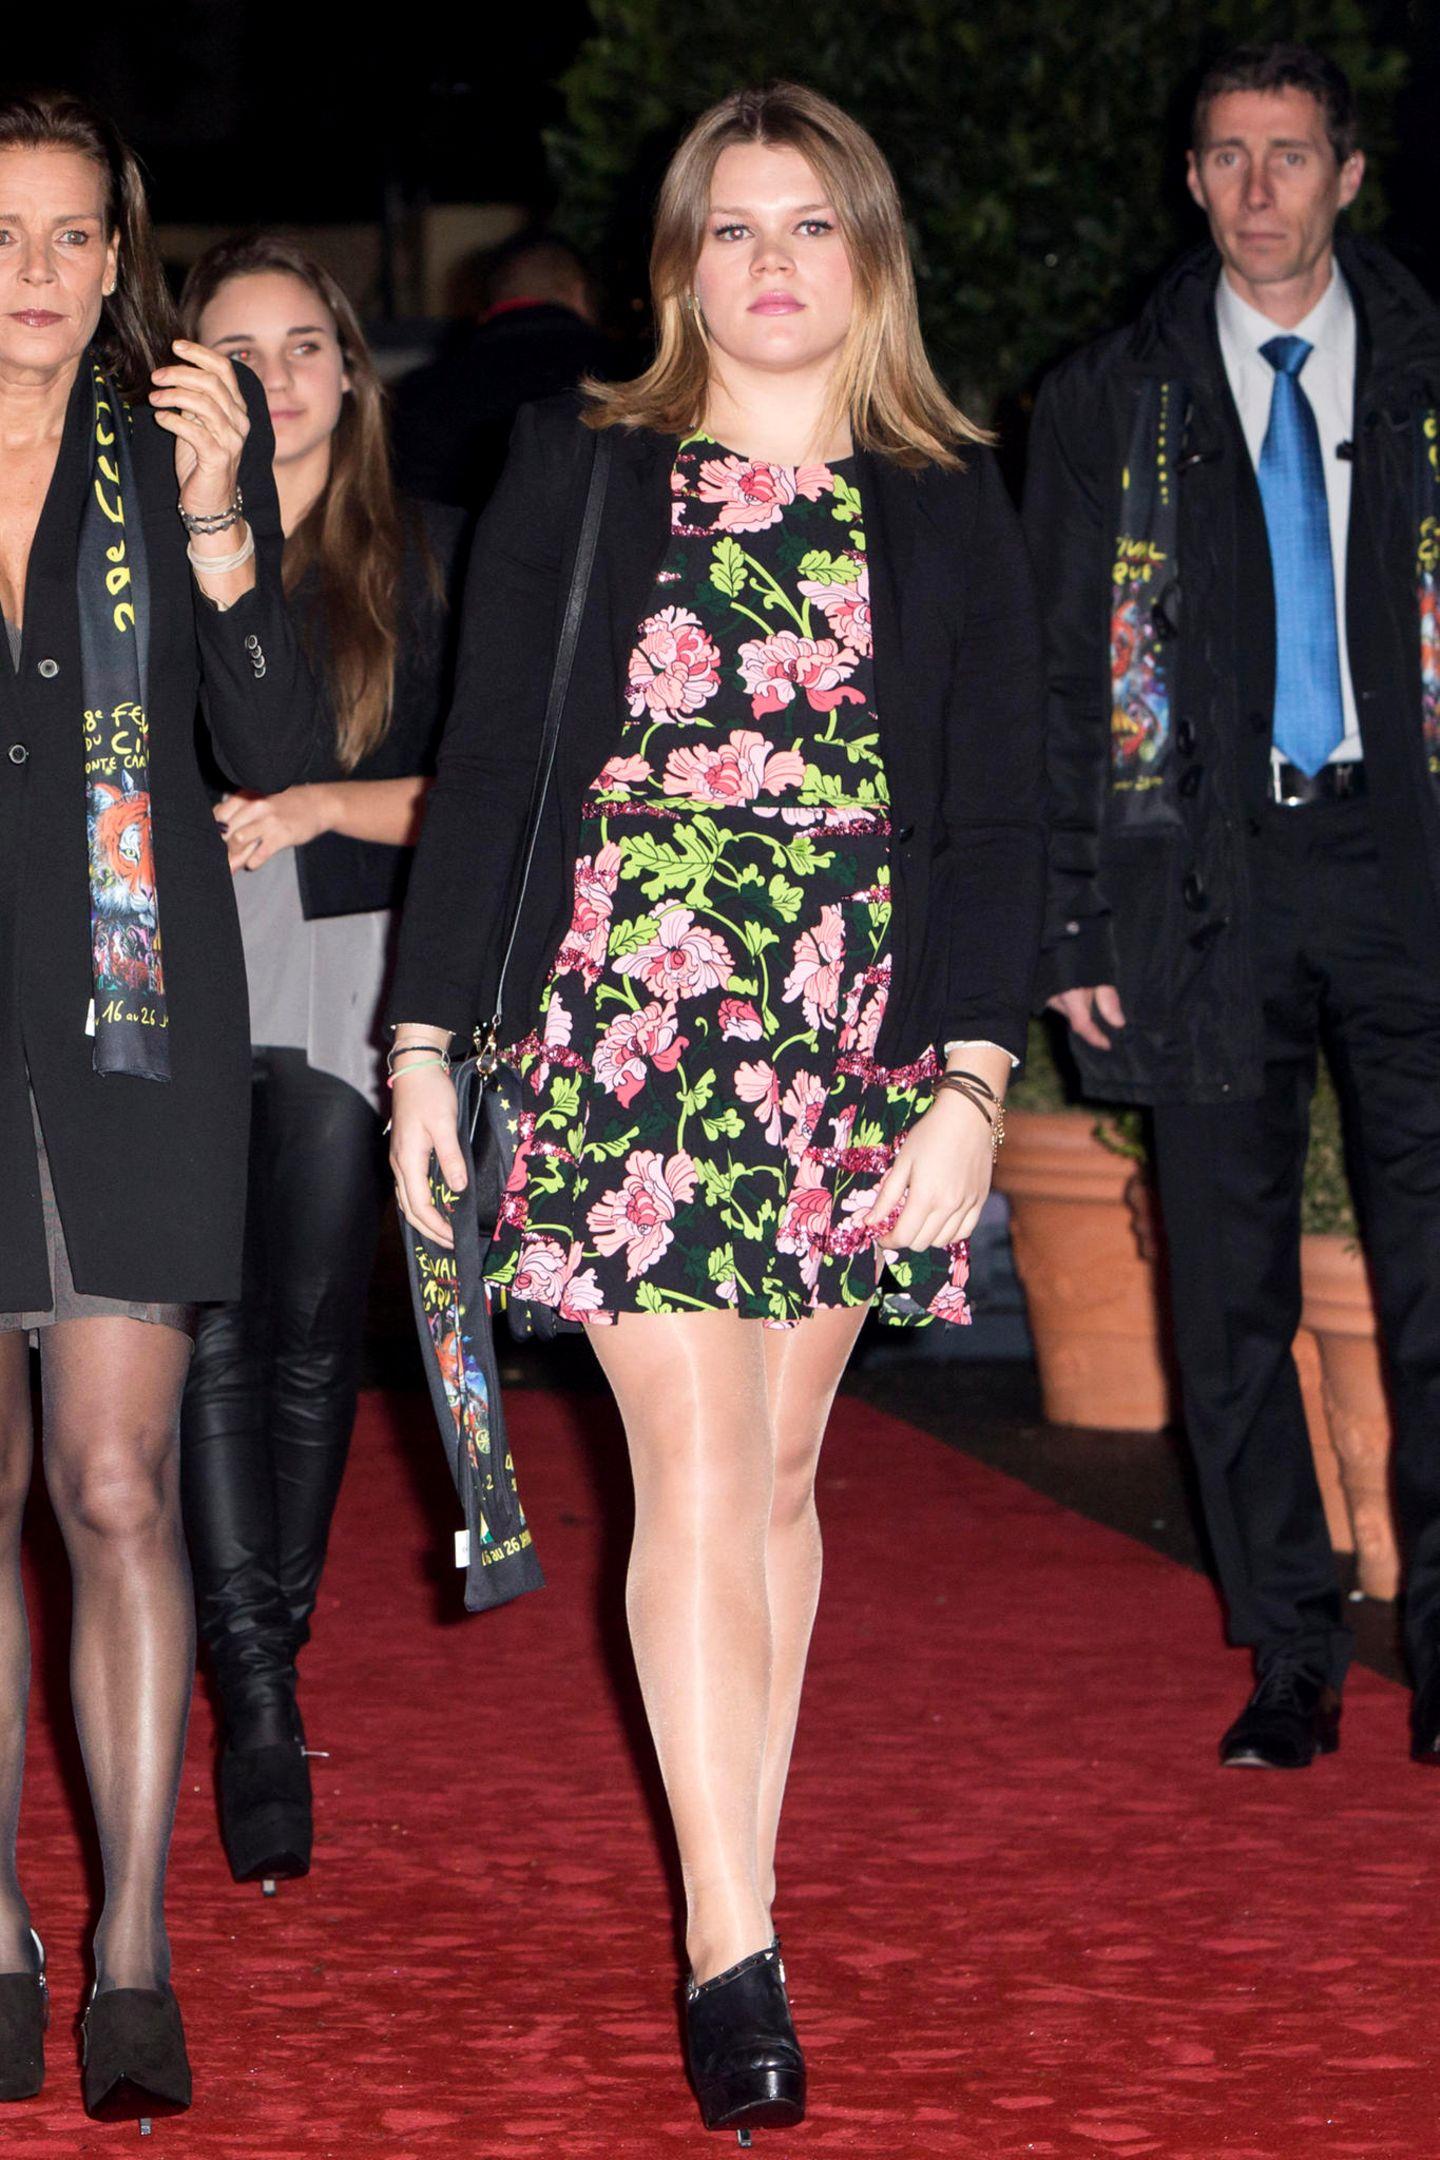 Camille Gottlieb, jüngste Tochter von Prinzessin Stéphanie von Monaco, hat sich vom Moppelchen zum sexy Vamp entwickelt, bei dem die Männer Schlange stehen dürften.